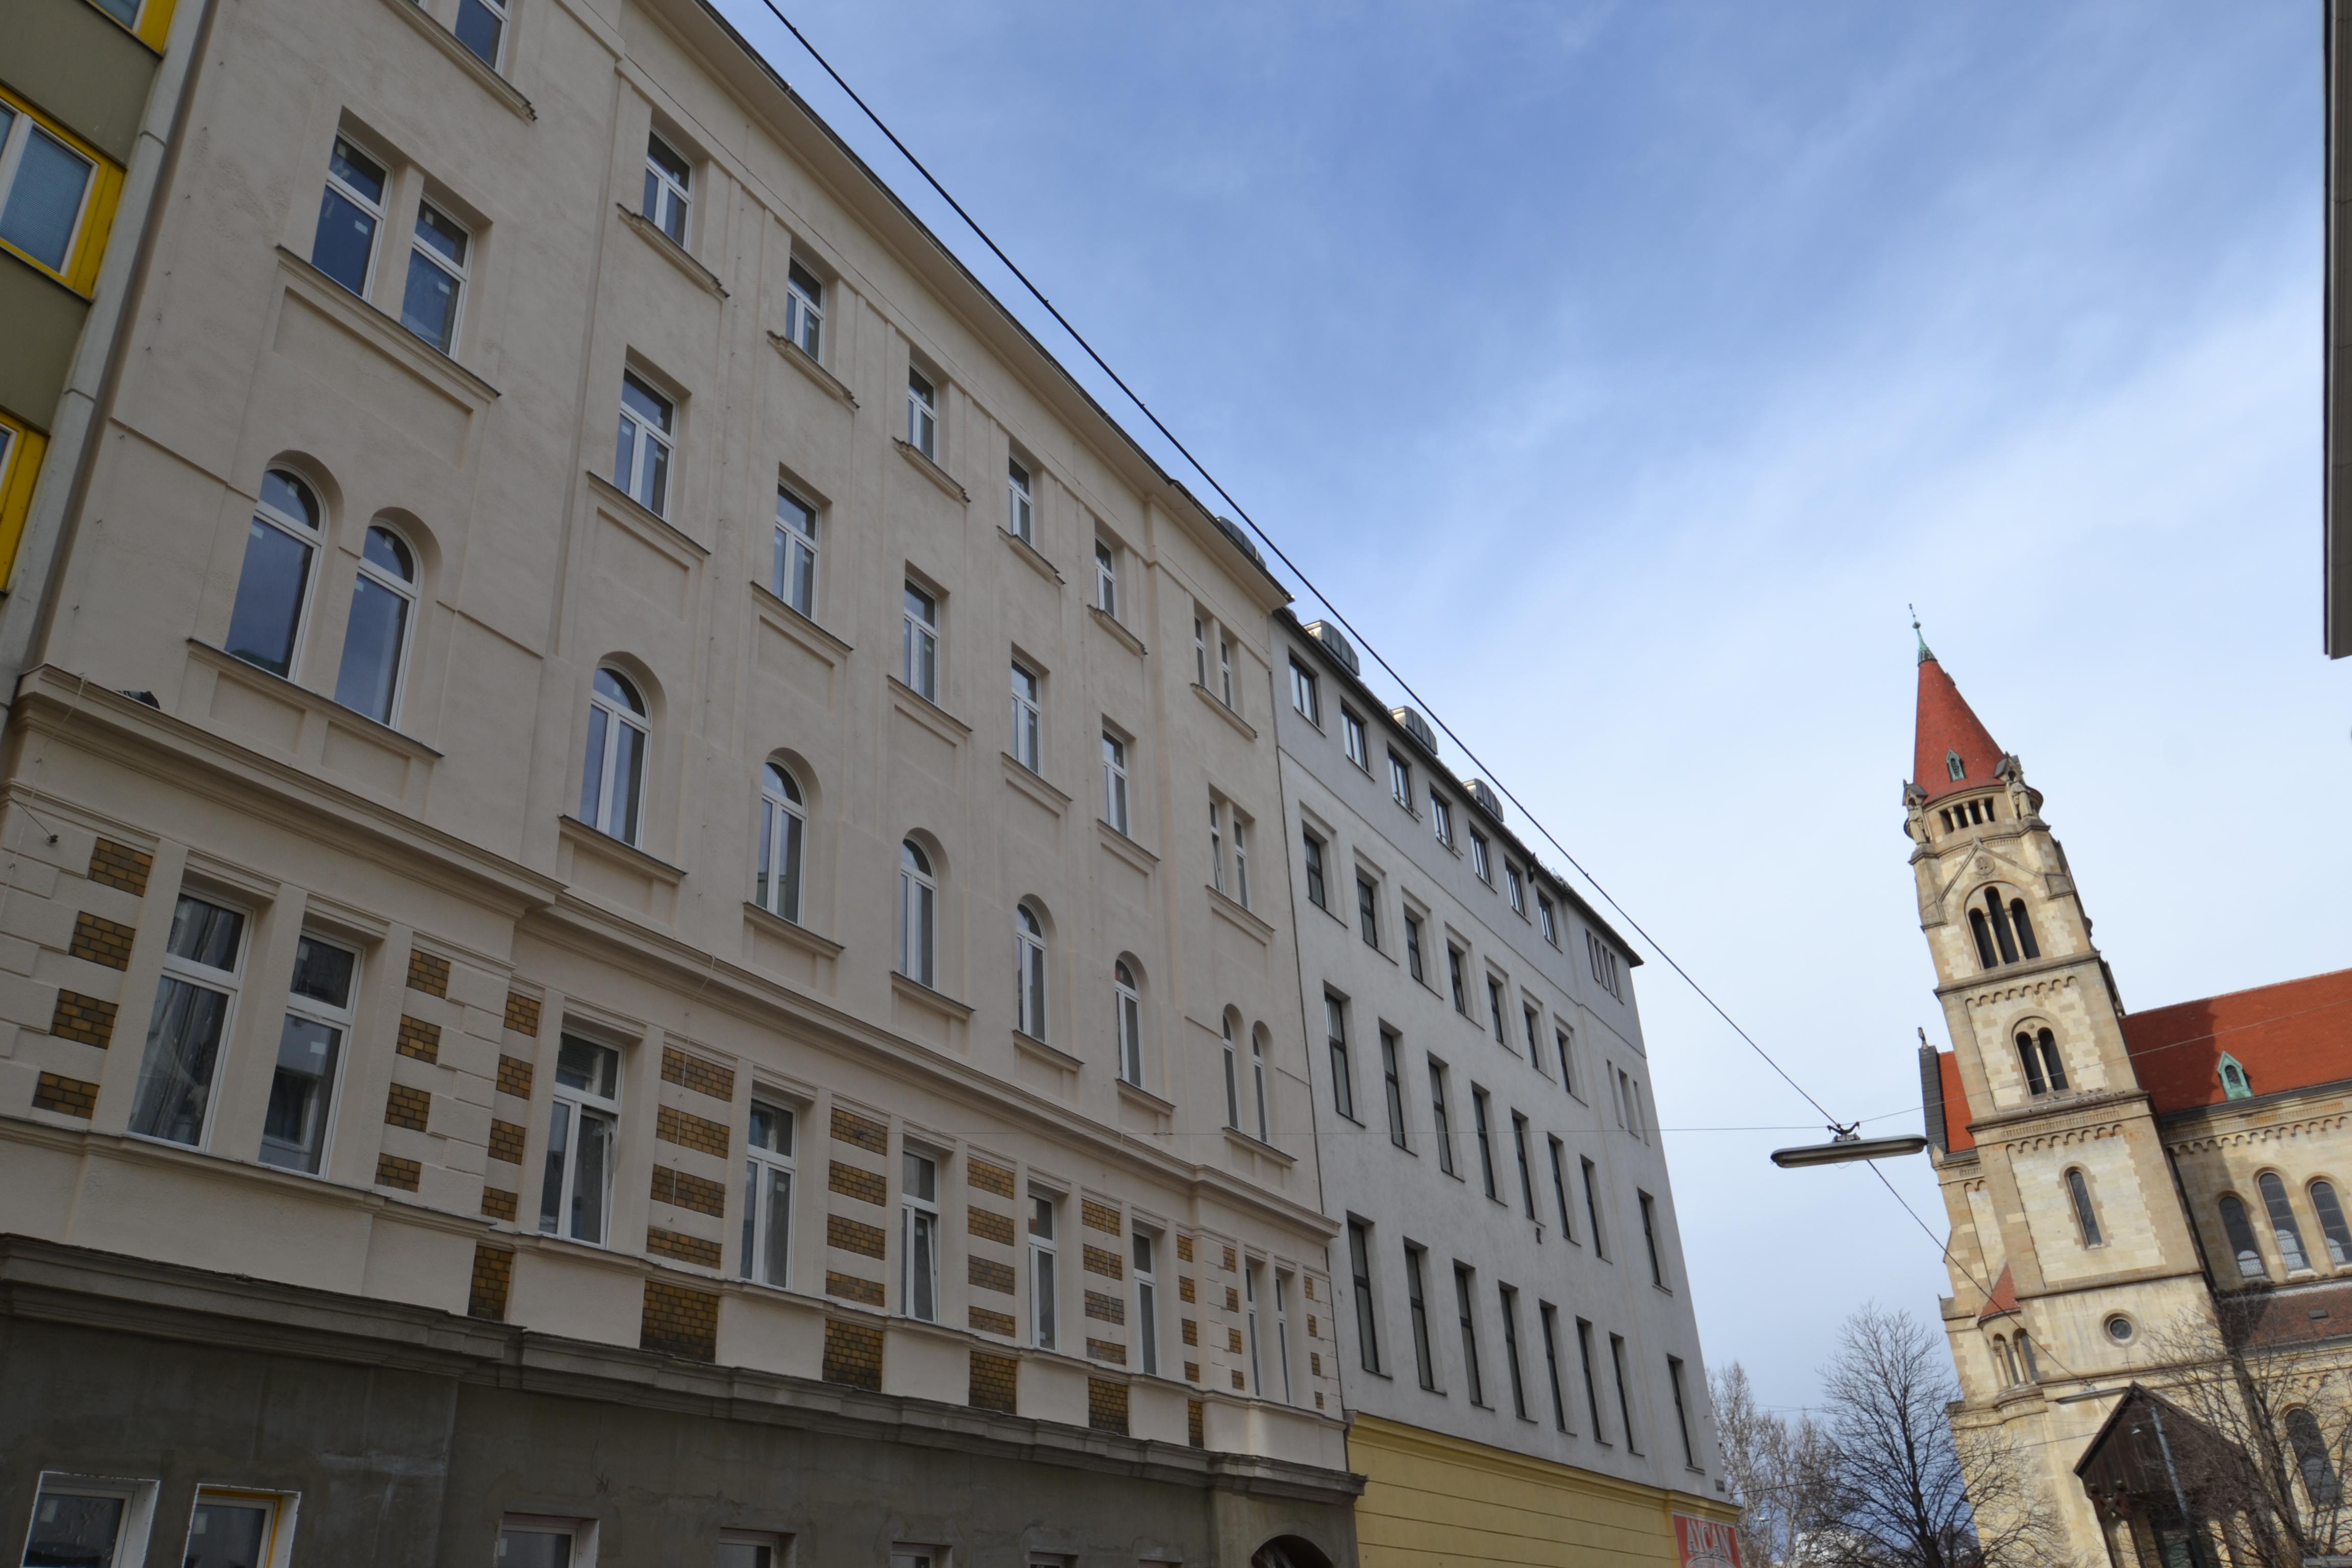 1020 Wehlistraße - Vermietung von 20 Mietwohnungen